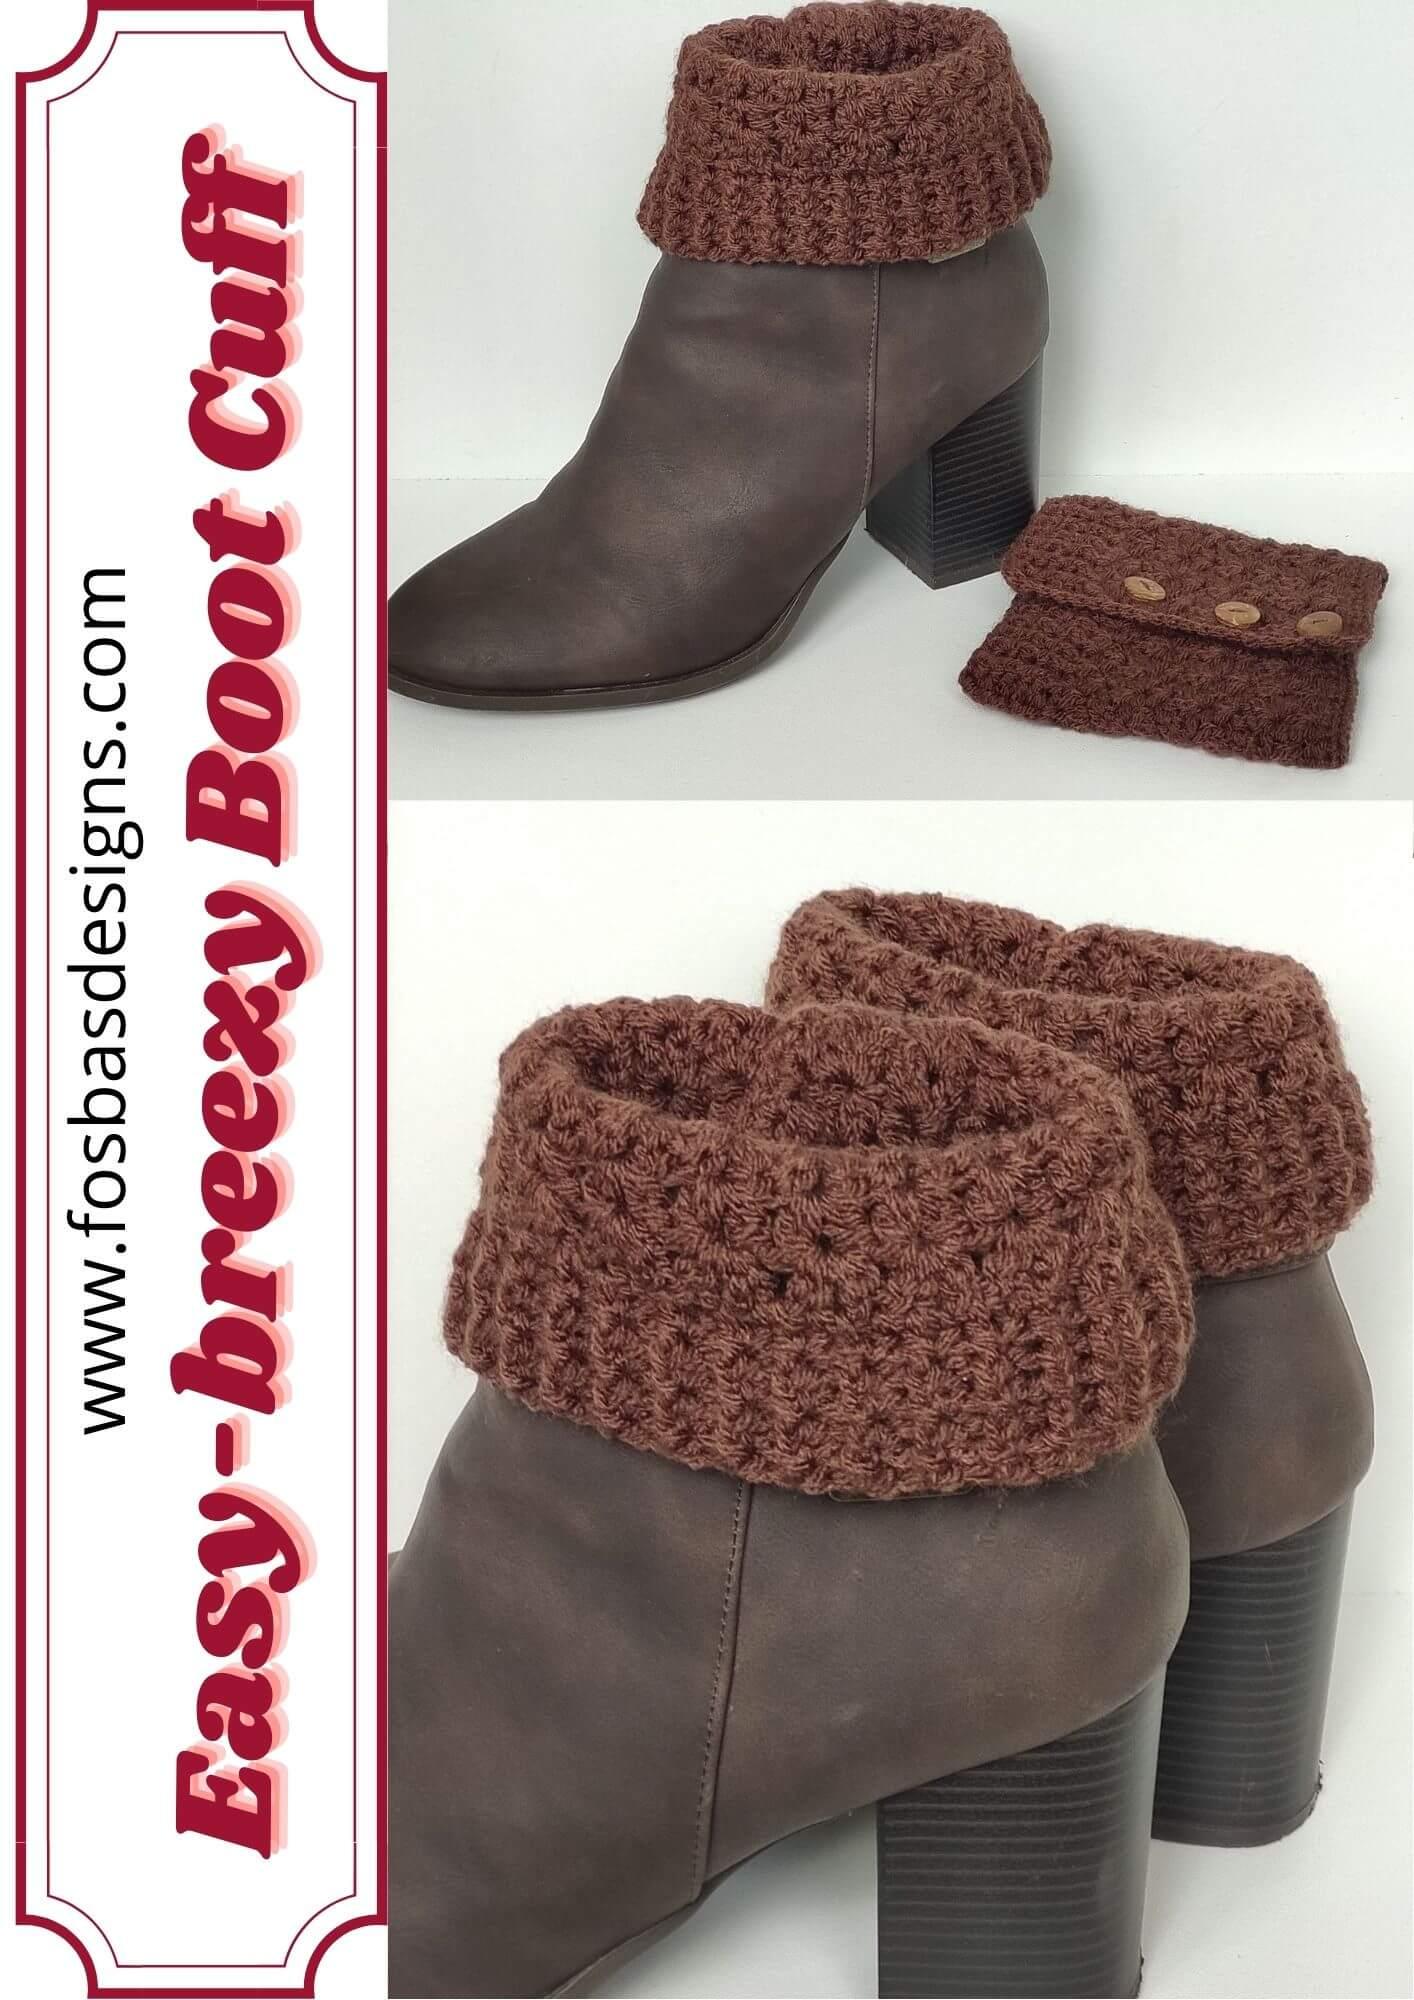 Easy breezy boot cuff pattern.